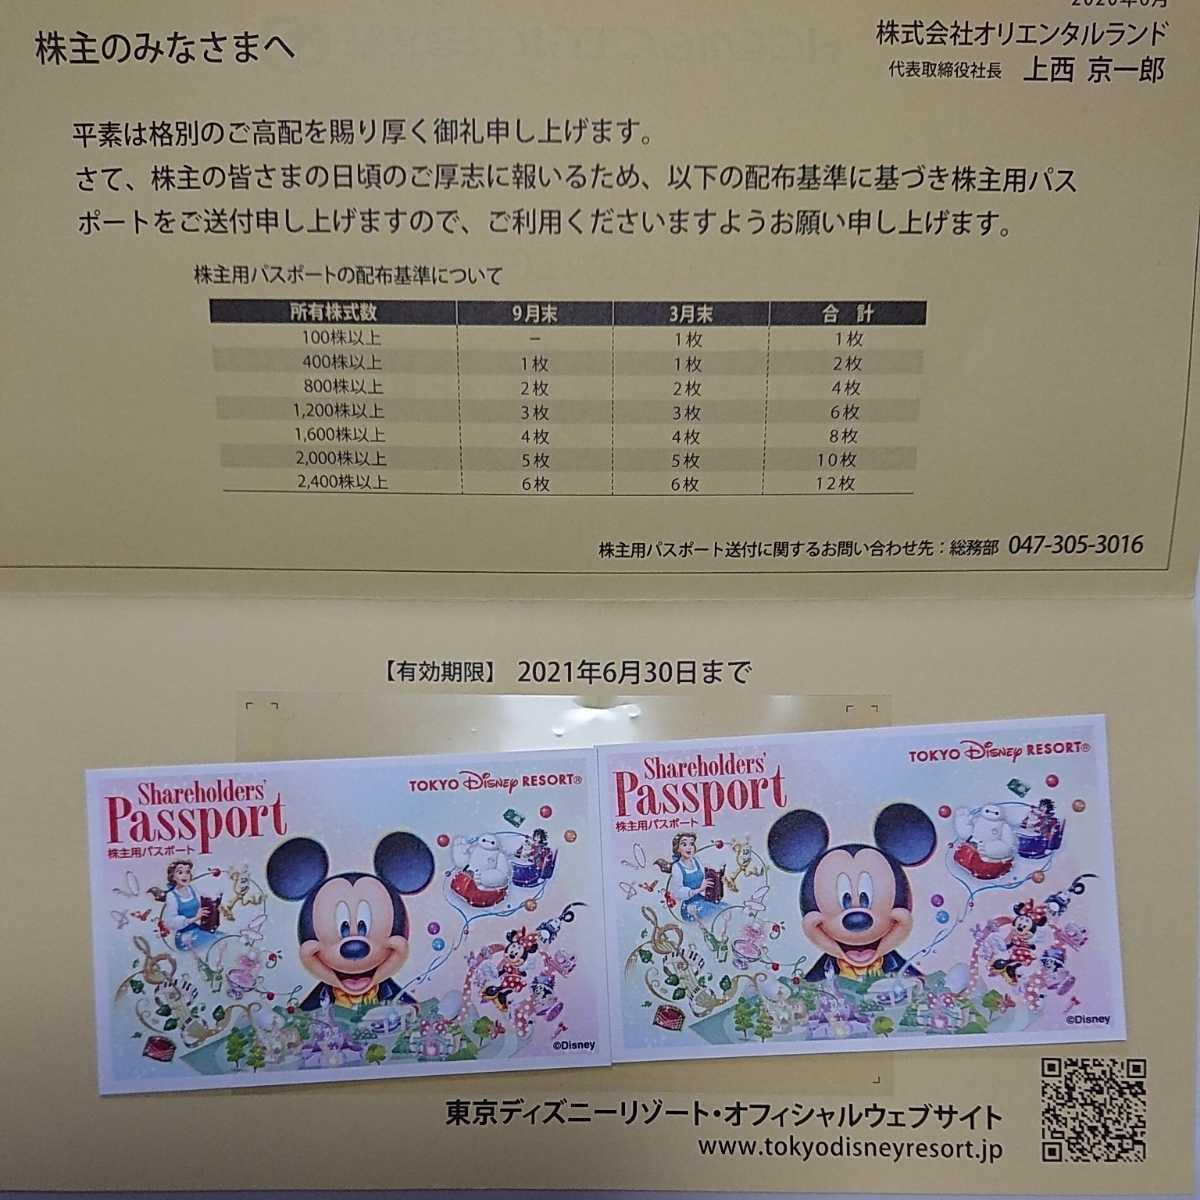 【送料無料】東京ディズニーリゾート株主優待パスポート二枚組_画像1